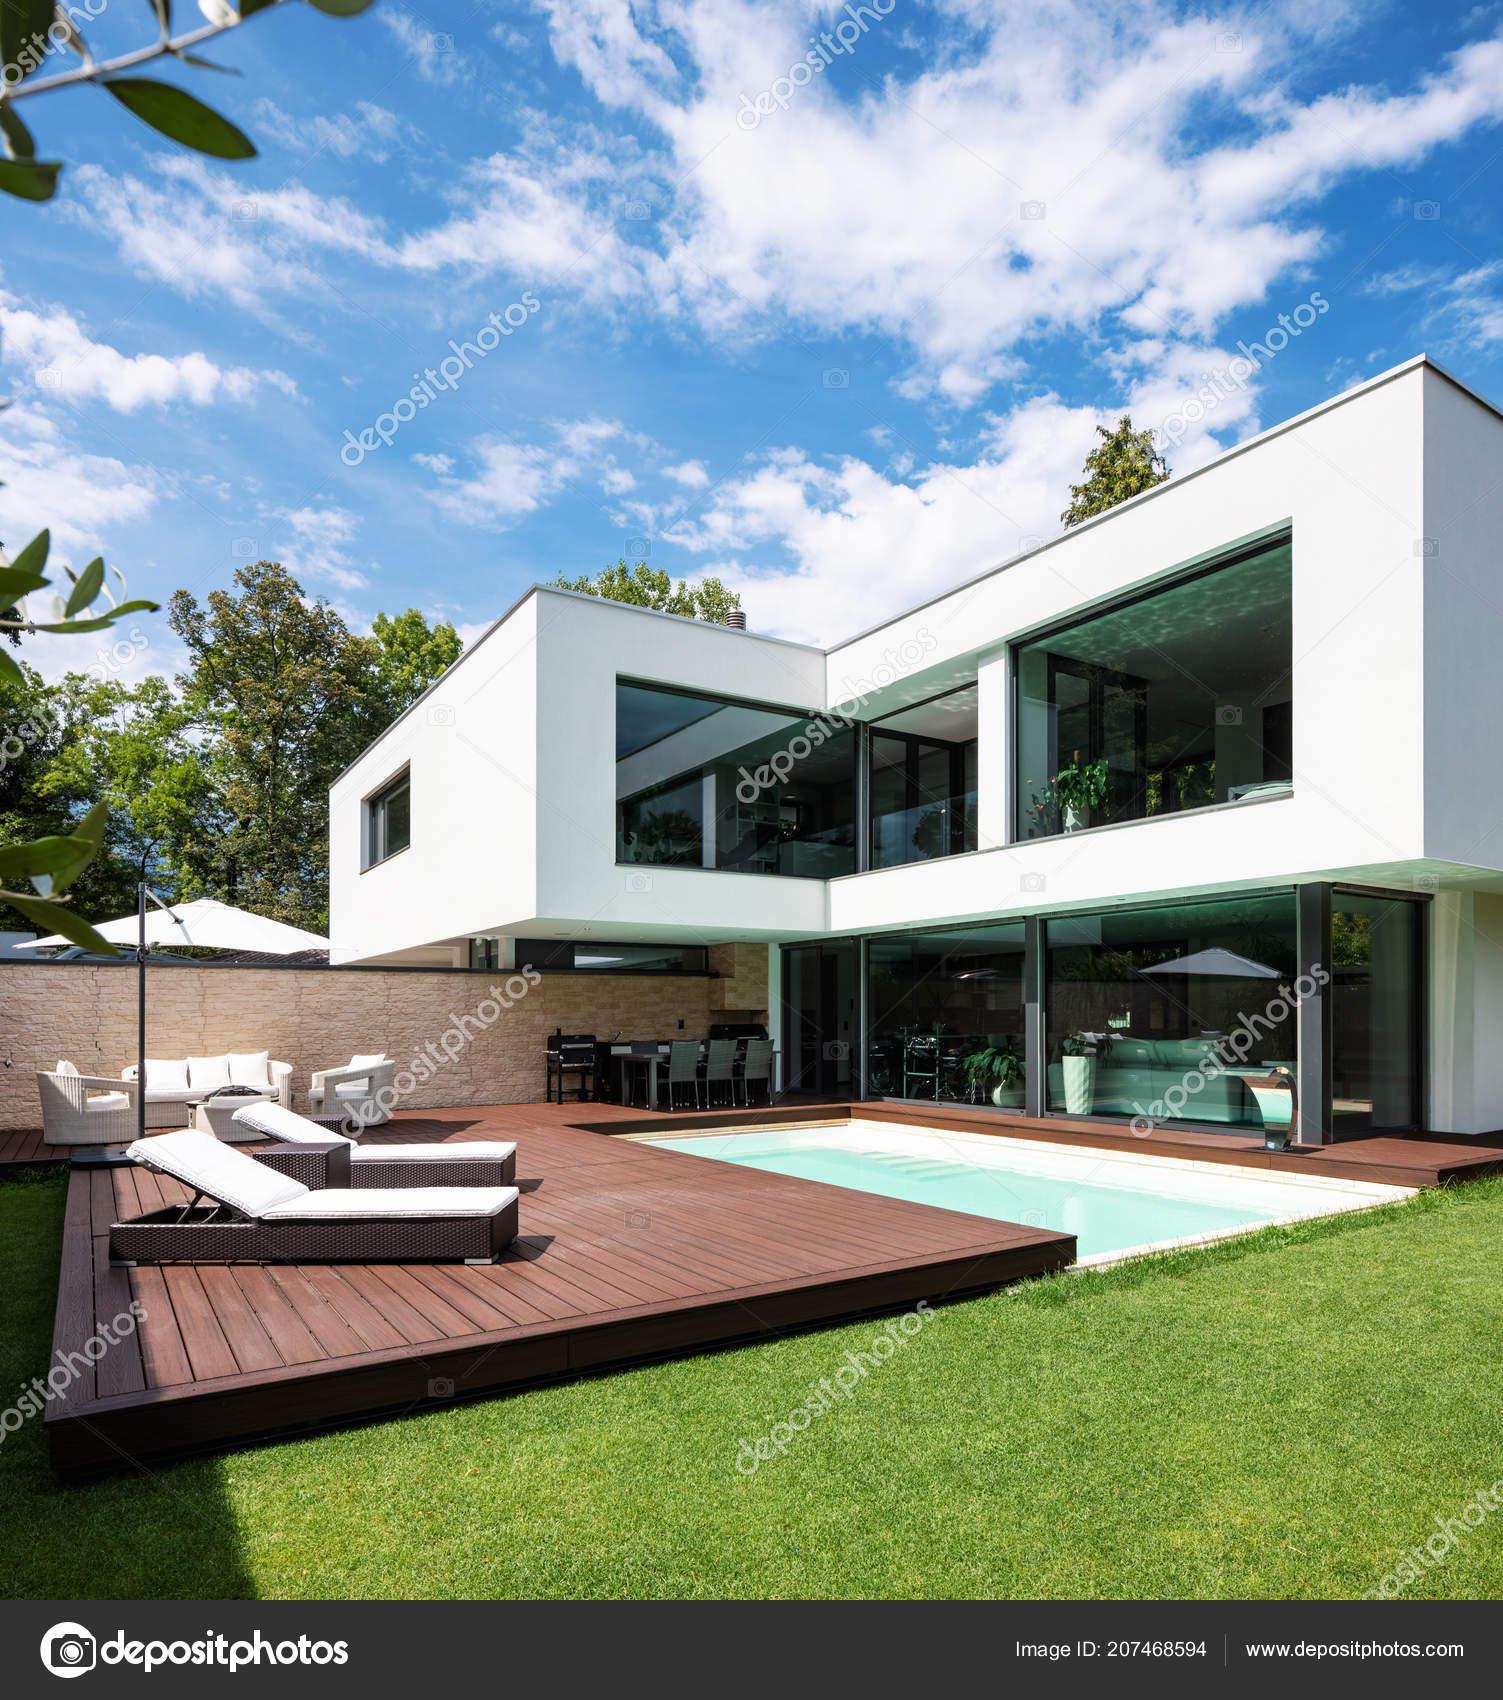 Aussere Moderne Weisse Villa Mit Pool Und Garten Niemand Inneren